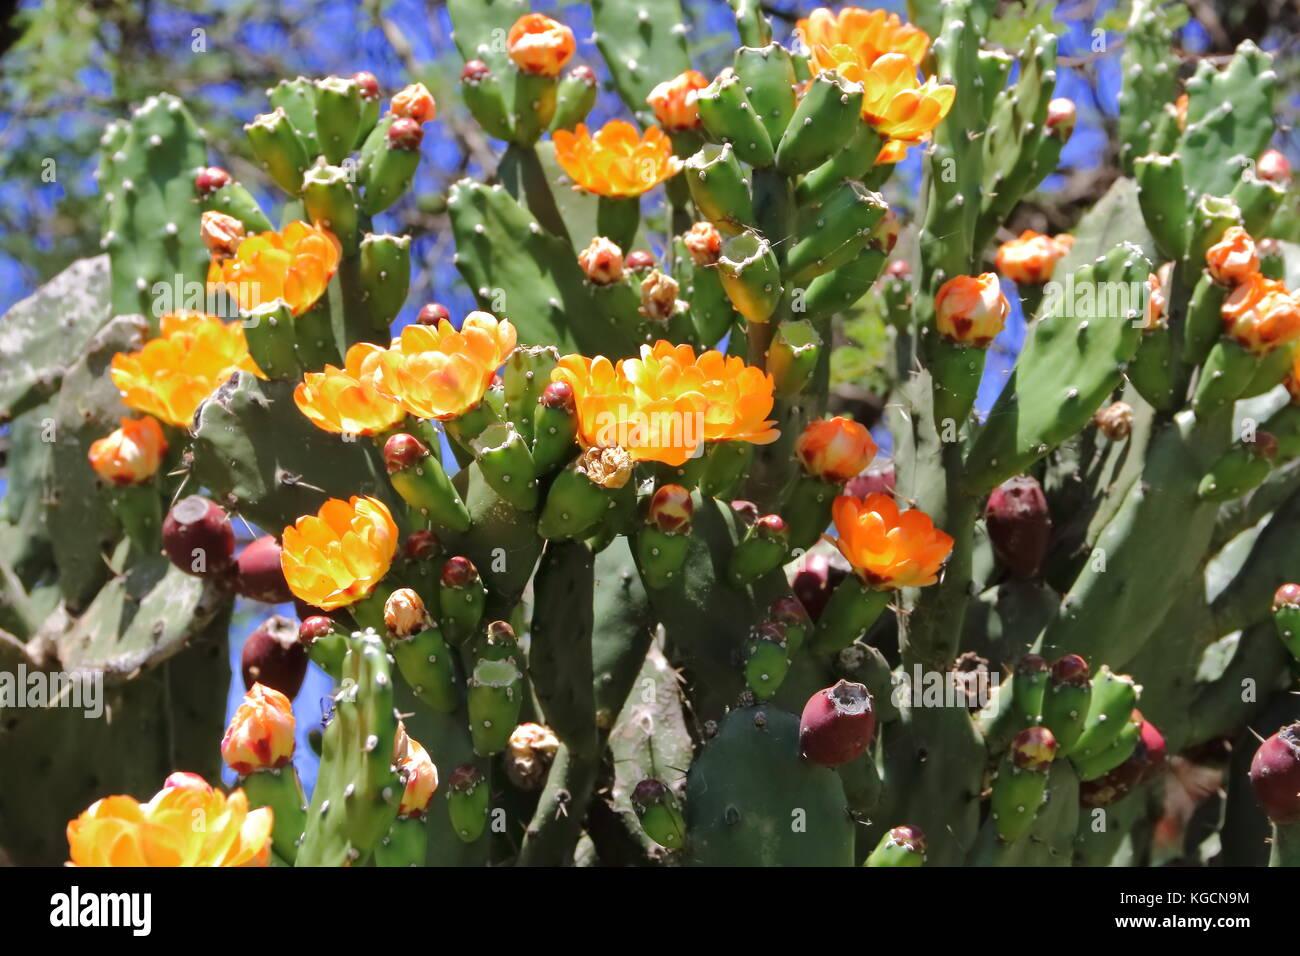 Piante Grasse Con Fiori Gialli.Cactus E Piante Grasse Con Fiori Gialli In Primavera Foto